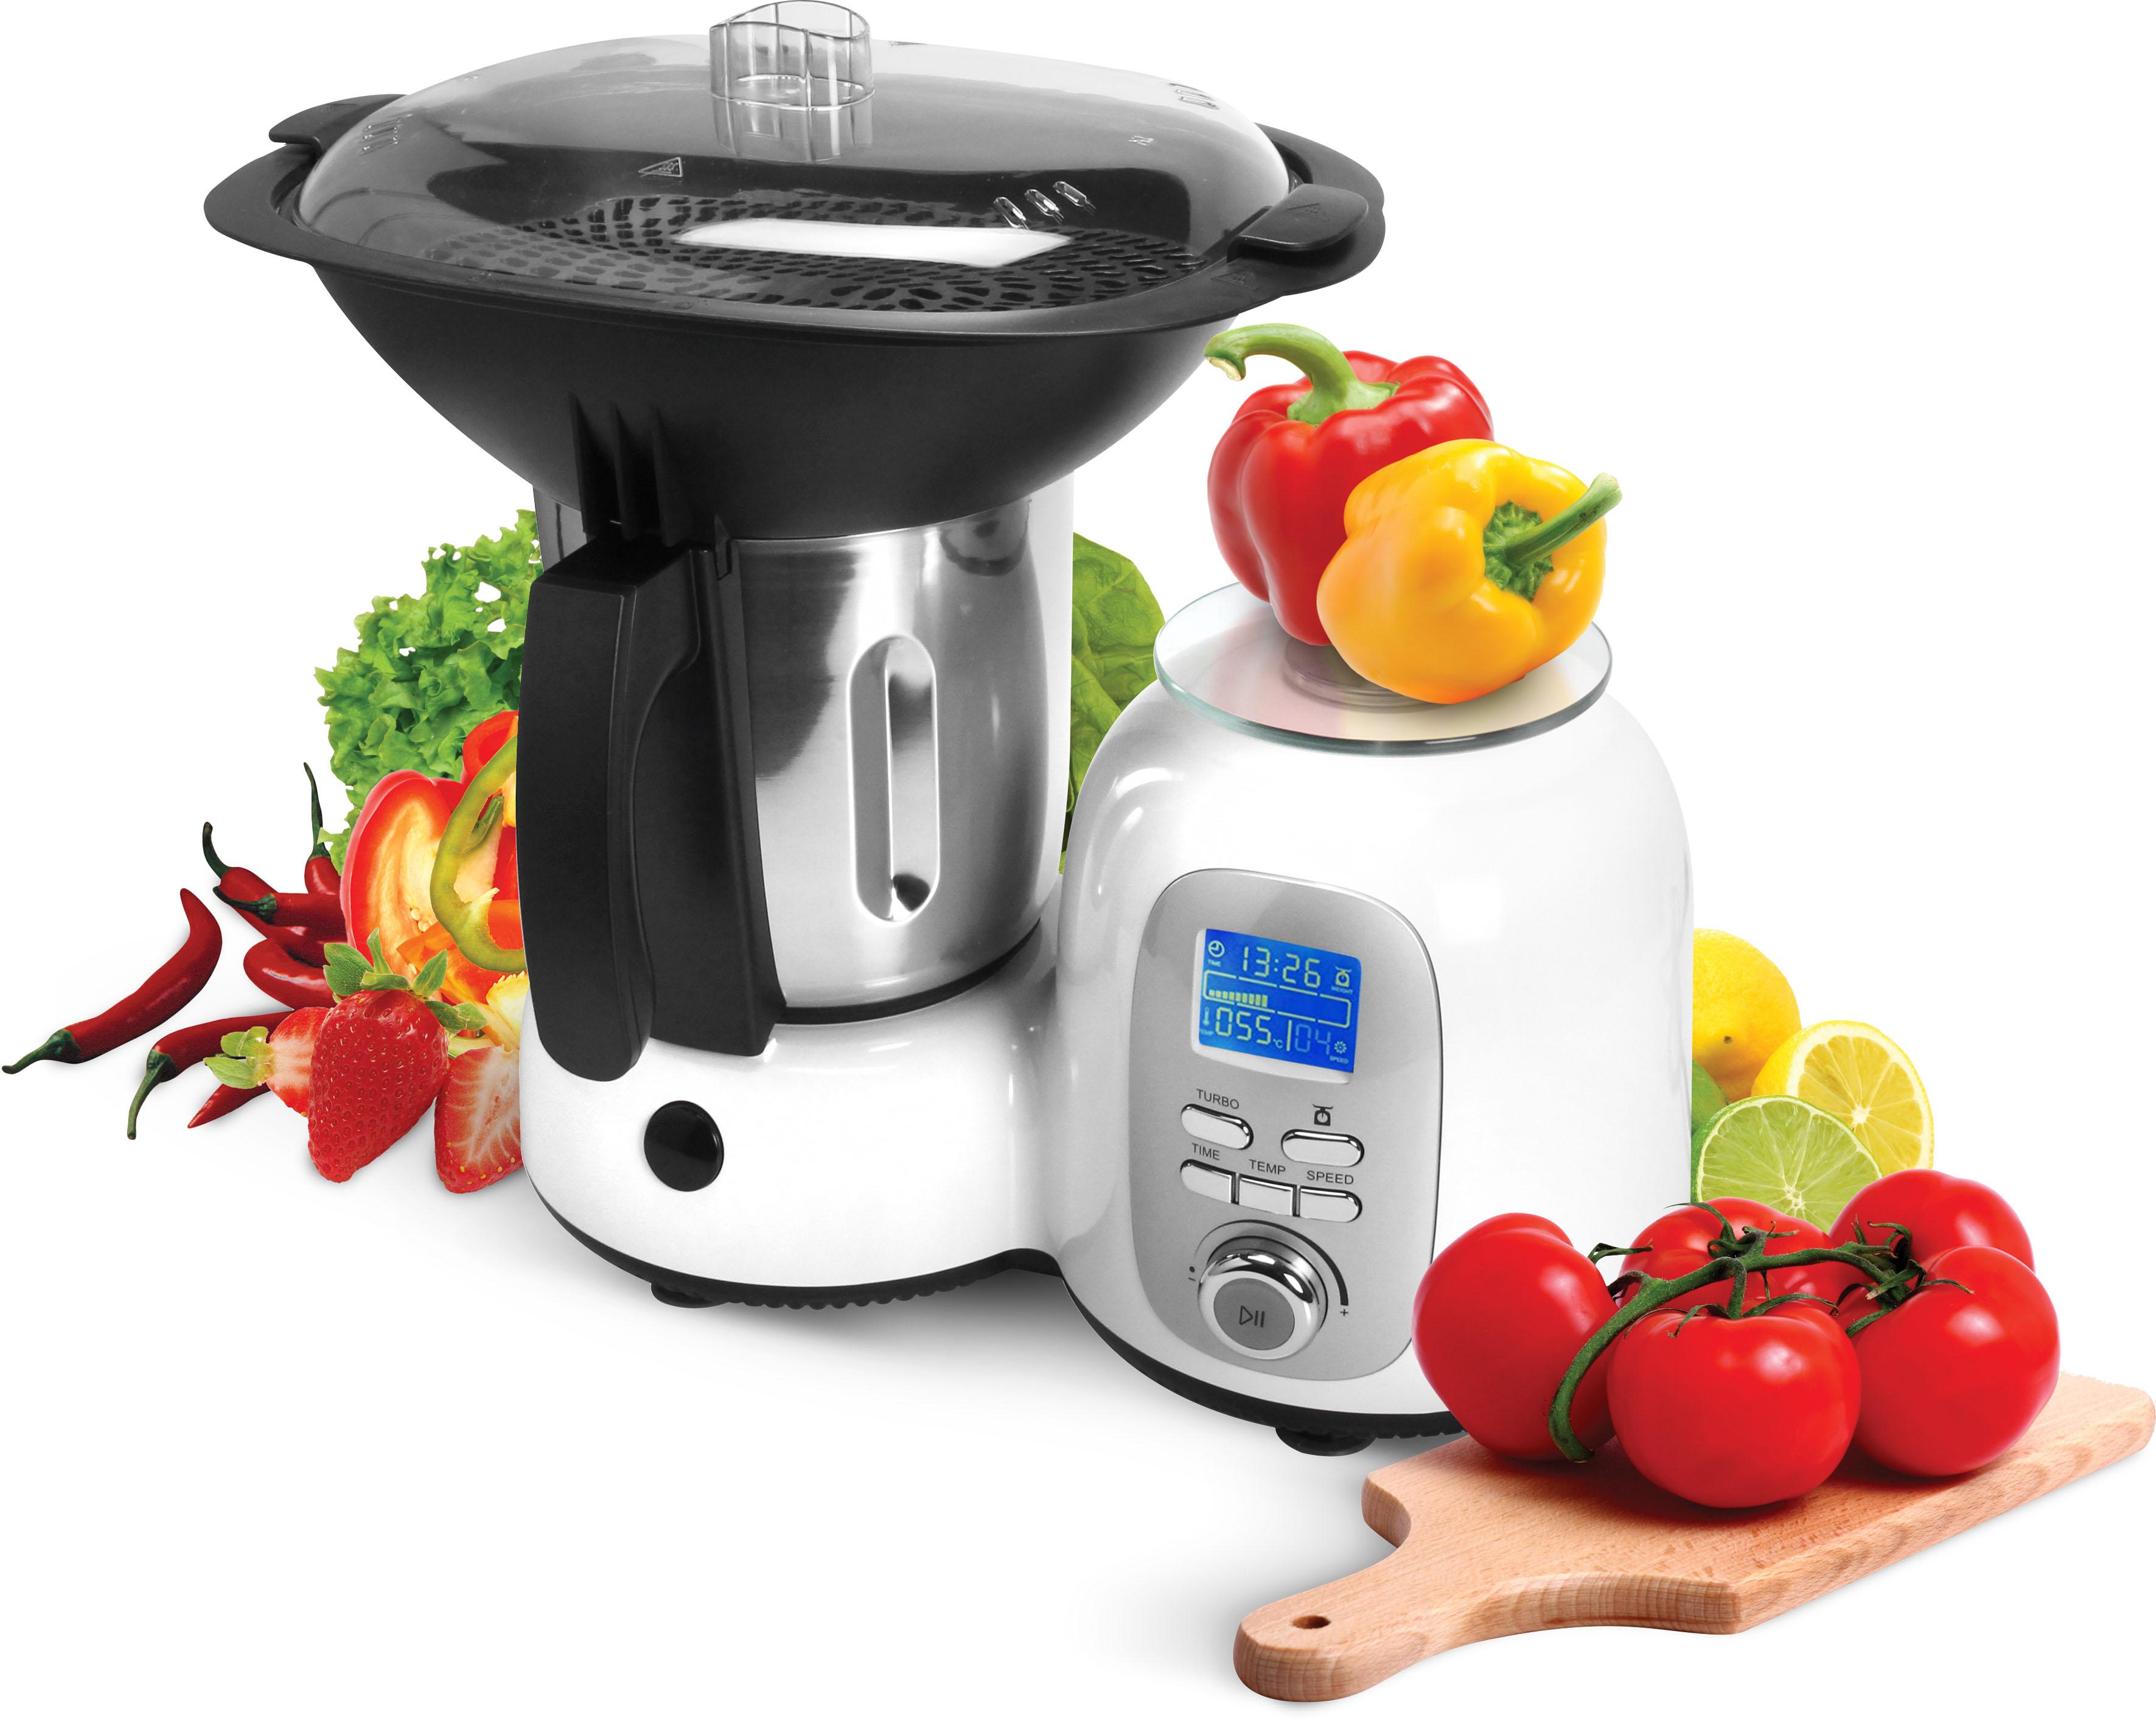 Efbe-Schott Küchenmaschine mit Kochfunktion SC HA 1020 weiß Küchenmaschinen Haushaltsgeräte